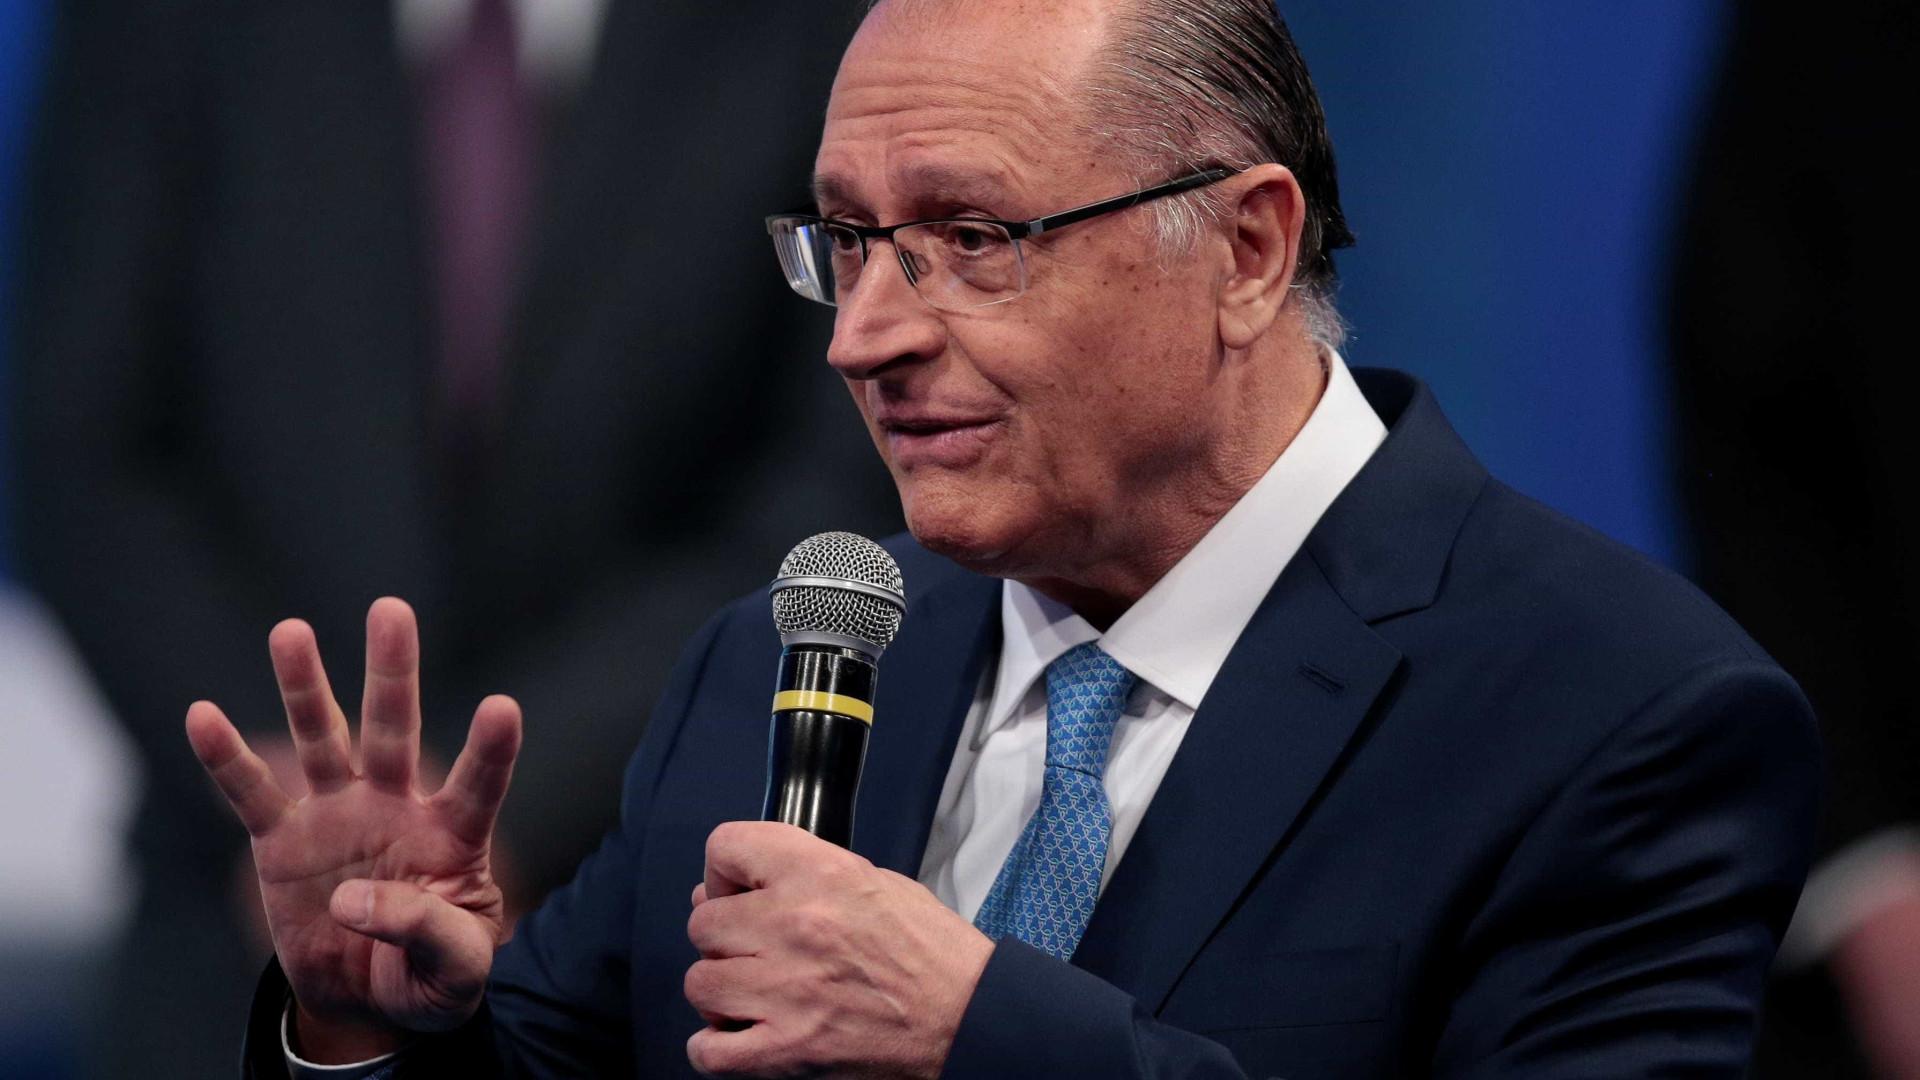 Para Alckmin, pesquisa Datafolha mostra que disputa está estabilizada